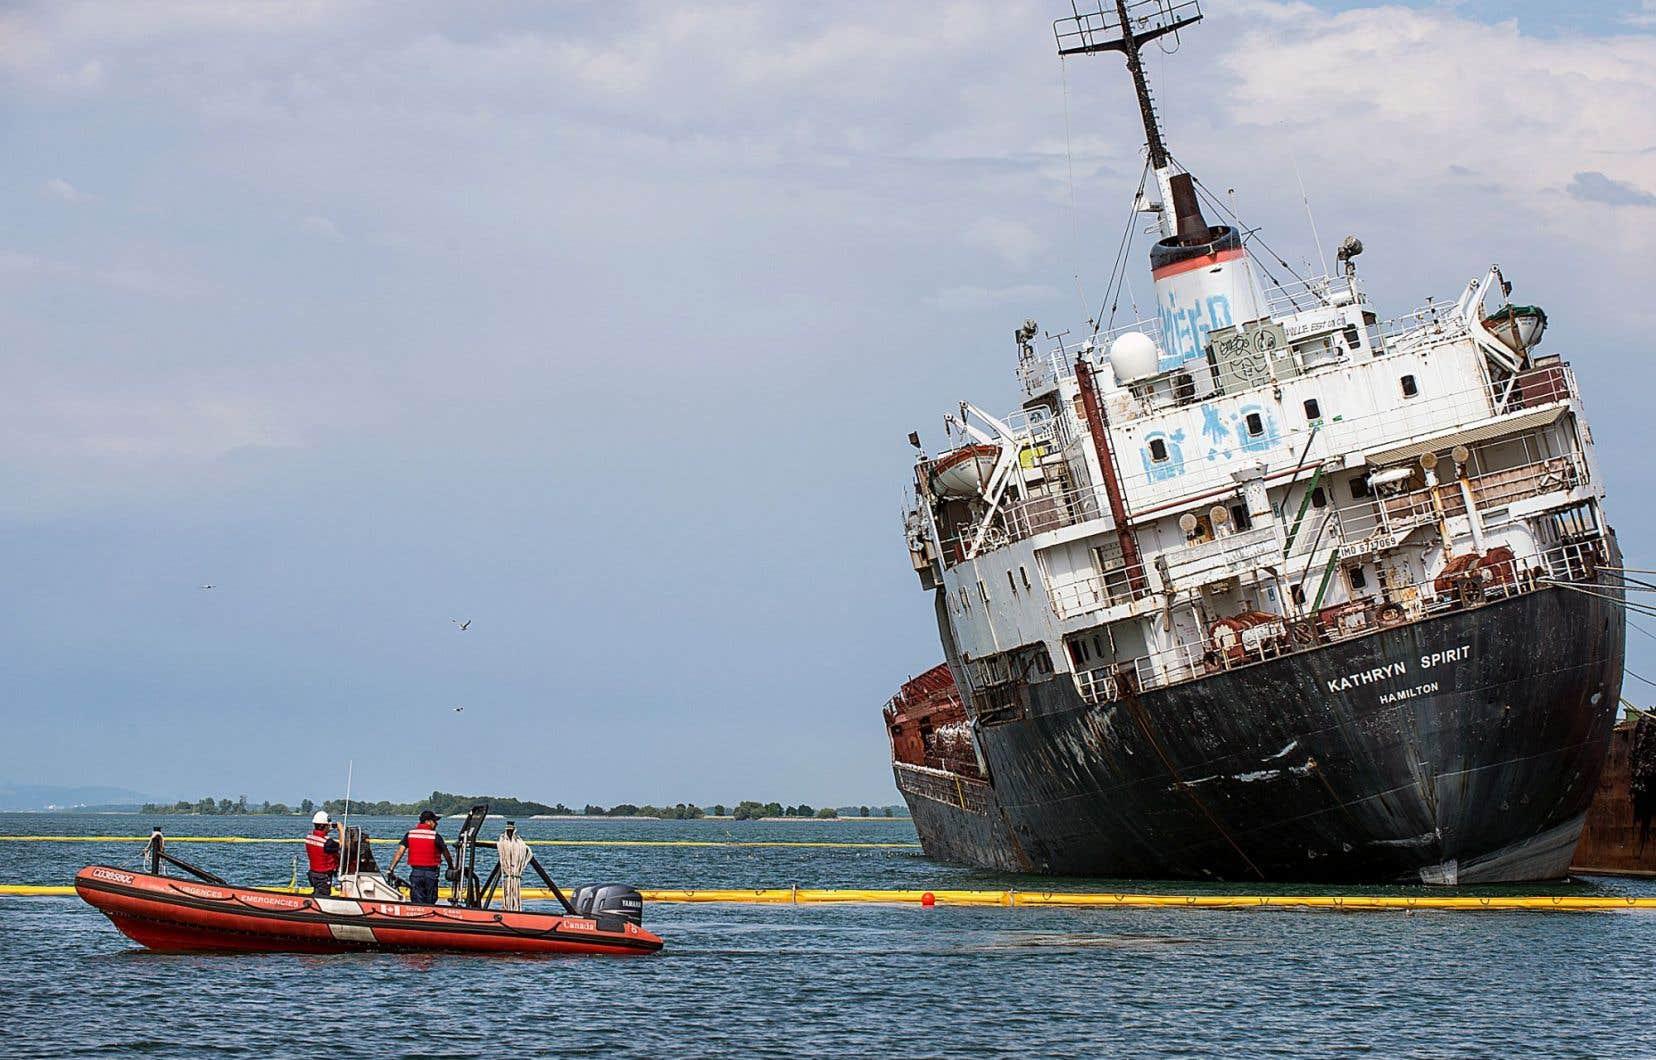 Le «Kathryn Spirit» menace de se renverser à cause du faible niveau d'eau dans le lac Saint-Louis.